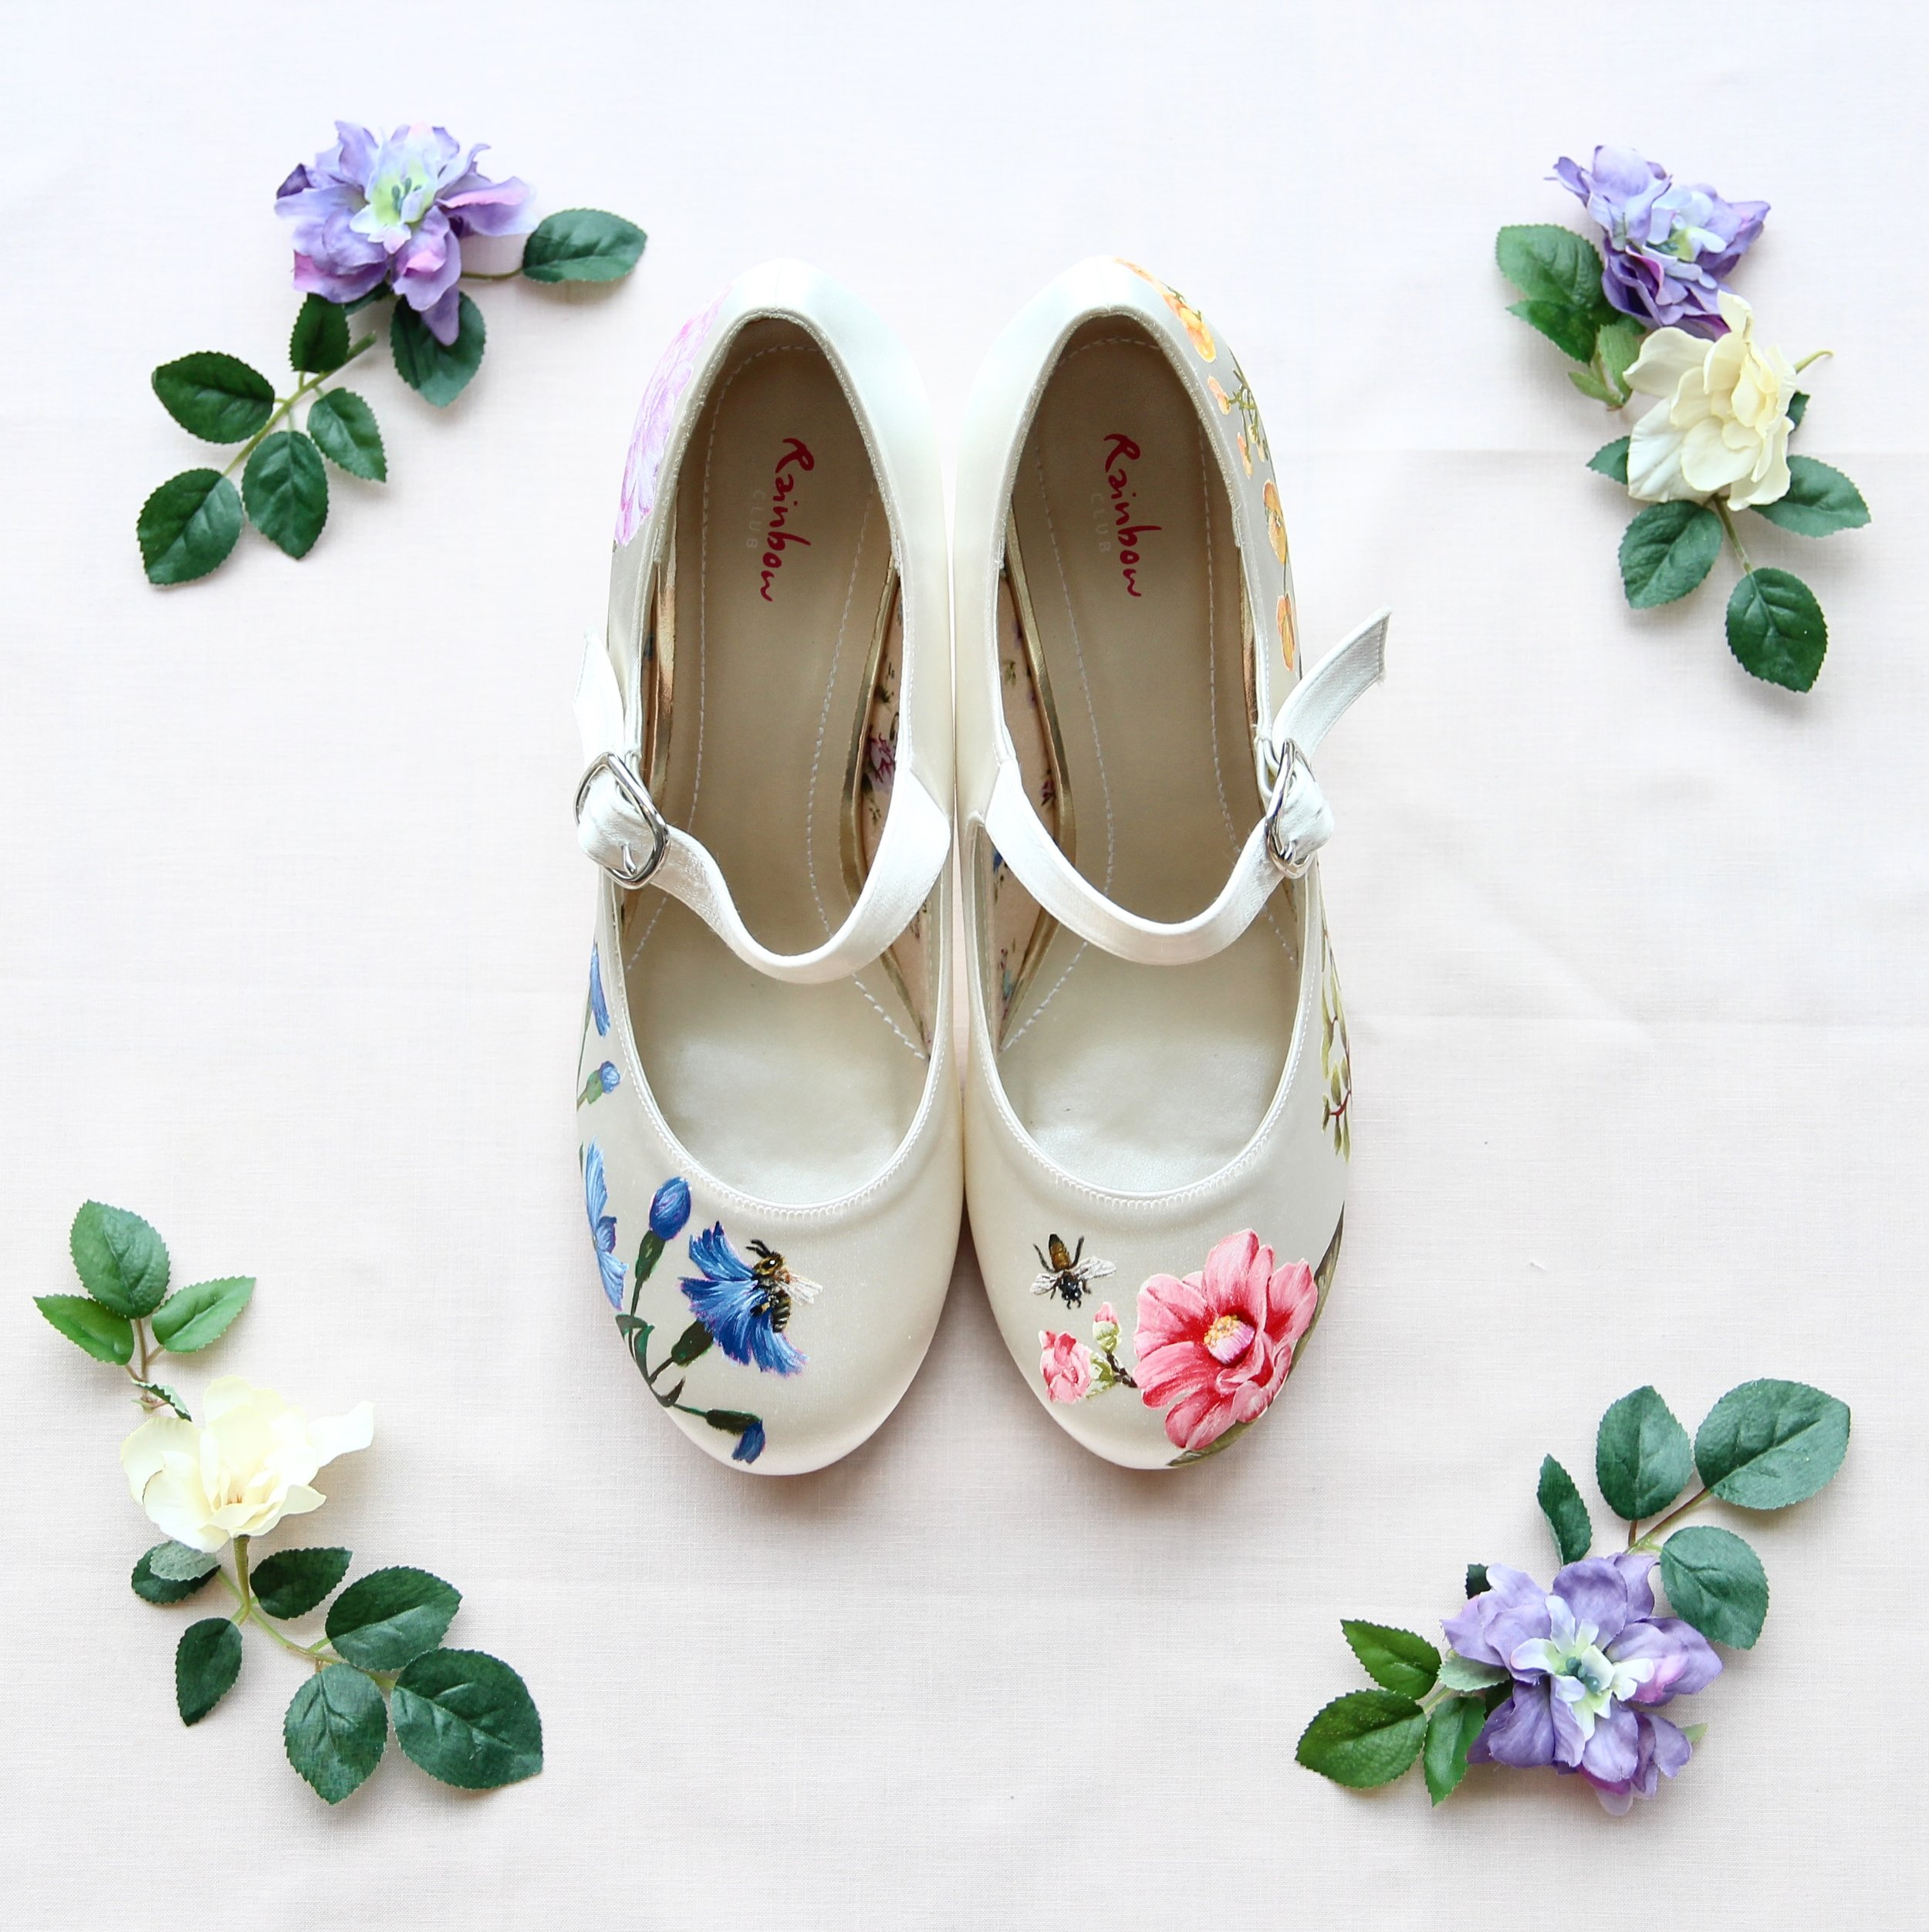 Wildflower print bumblebee chunky heel wedding shoes